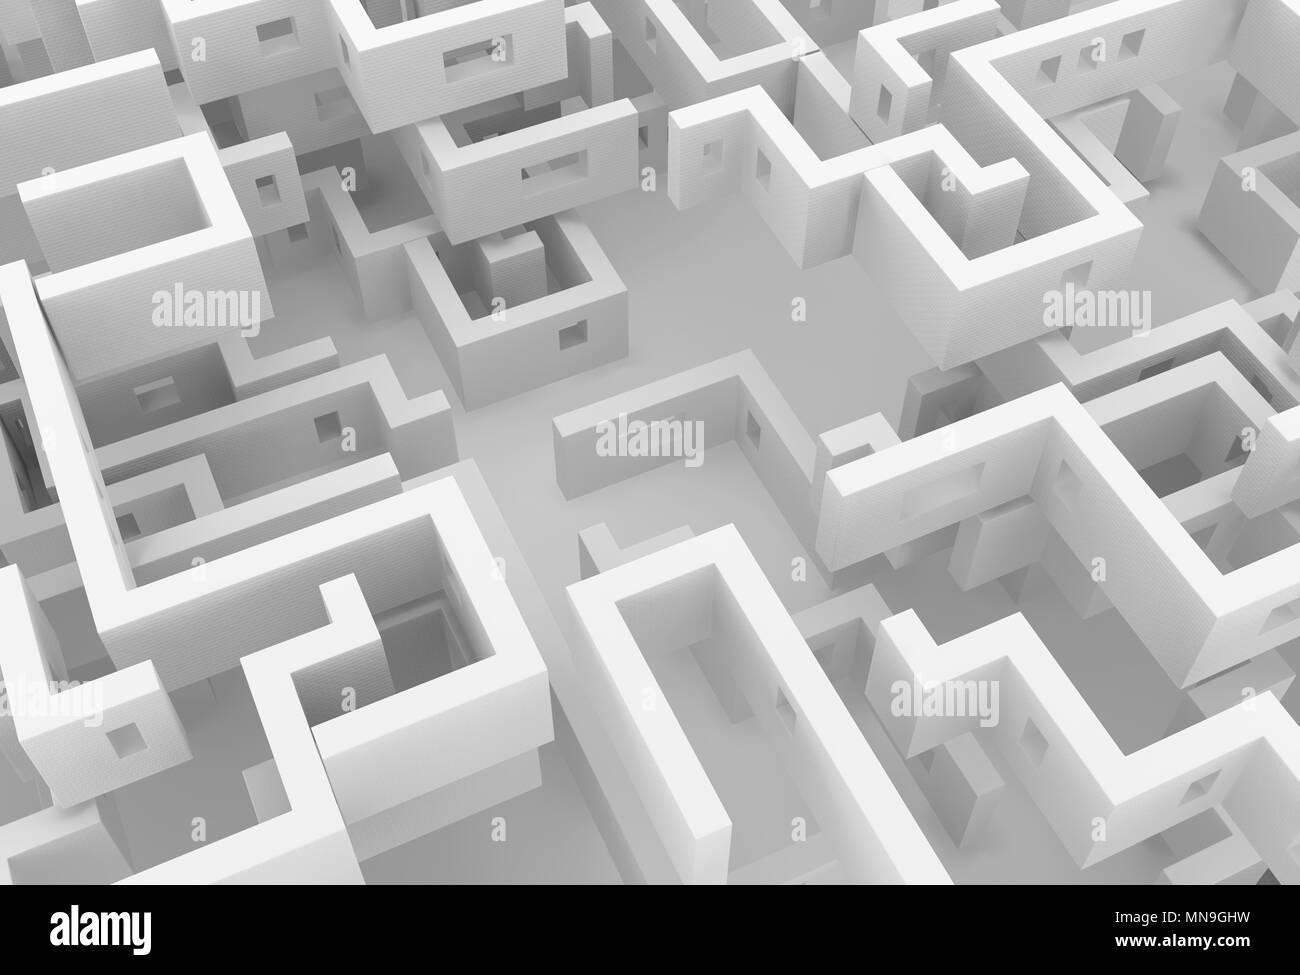 Muro Bianco labirinto spazio vuoto astratto, 3d'illustrazione, orizzontale Immagini Stock